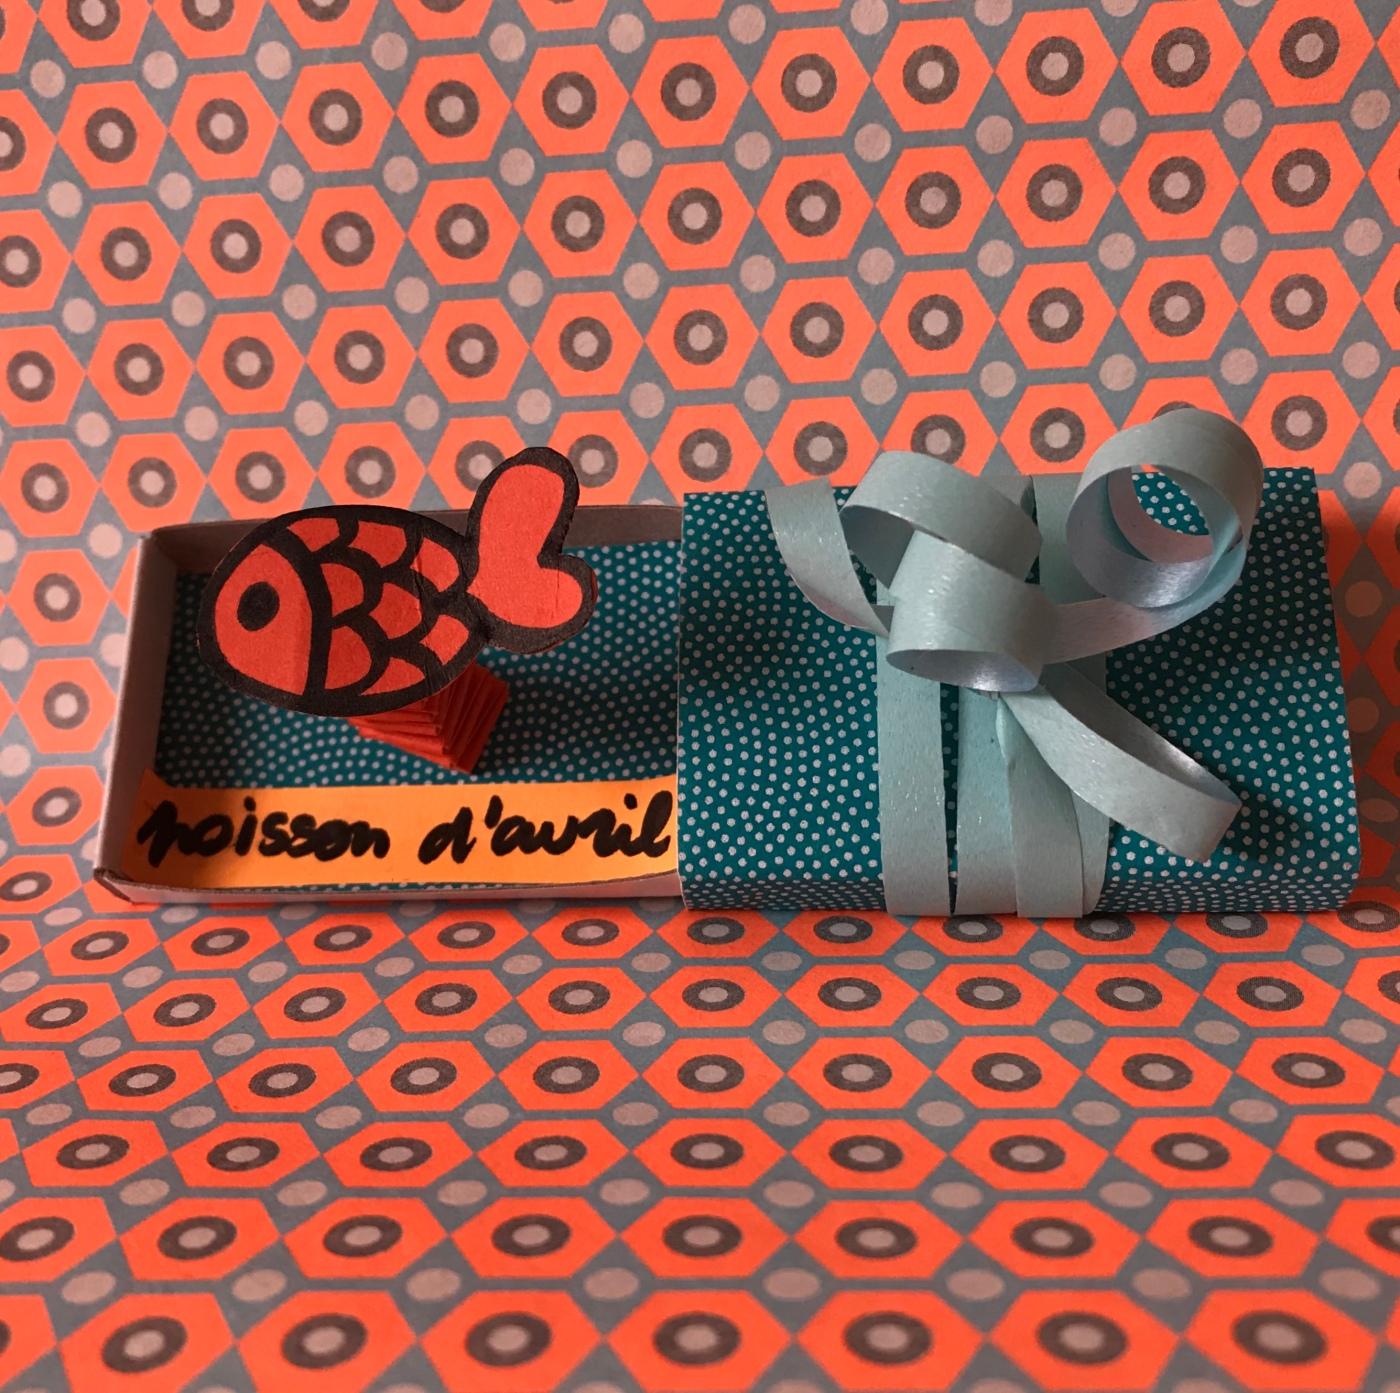 Petit poisson d'avril ... hihihi ! - bricolage enfant - DIY - craft for kids - boîte à message - blague - 1er avril - papier - Image à la une